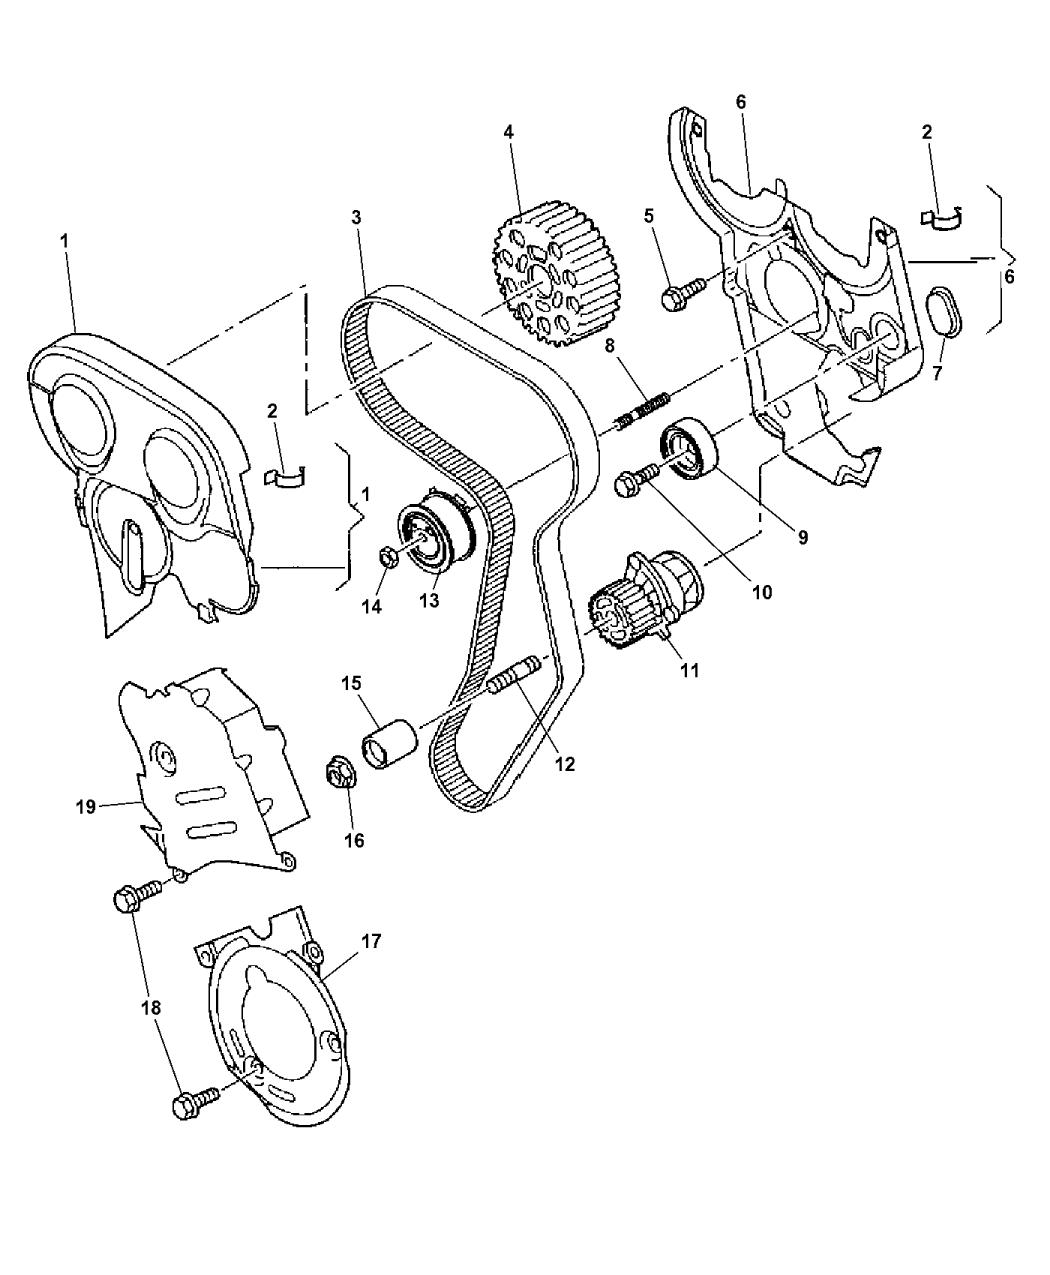 2007 Dodge Caliber Timing Belt Chain Cover Mopar Parts Giant Engine Mounts Diagram Thumbnail 4